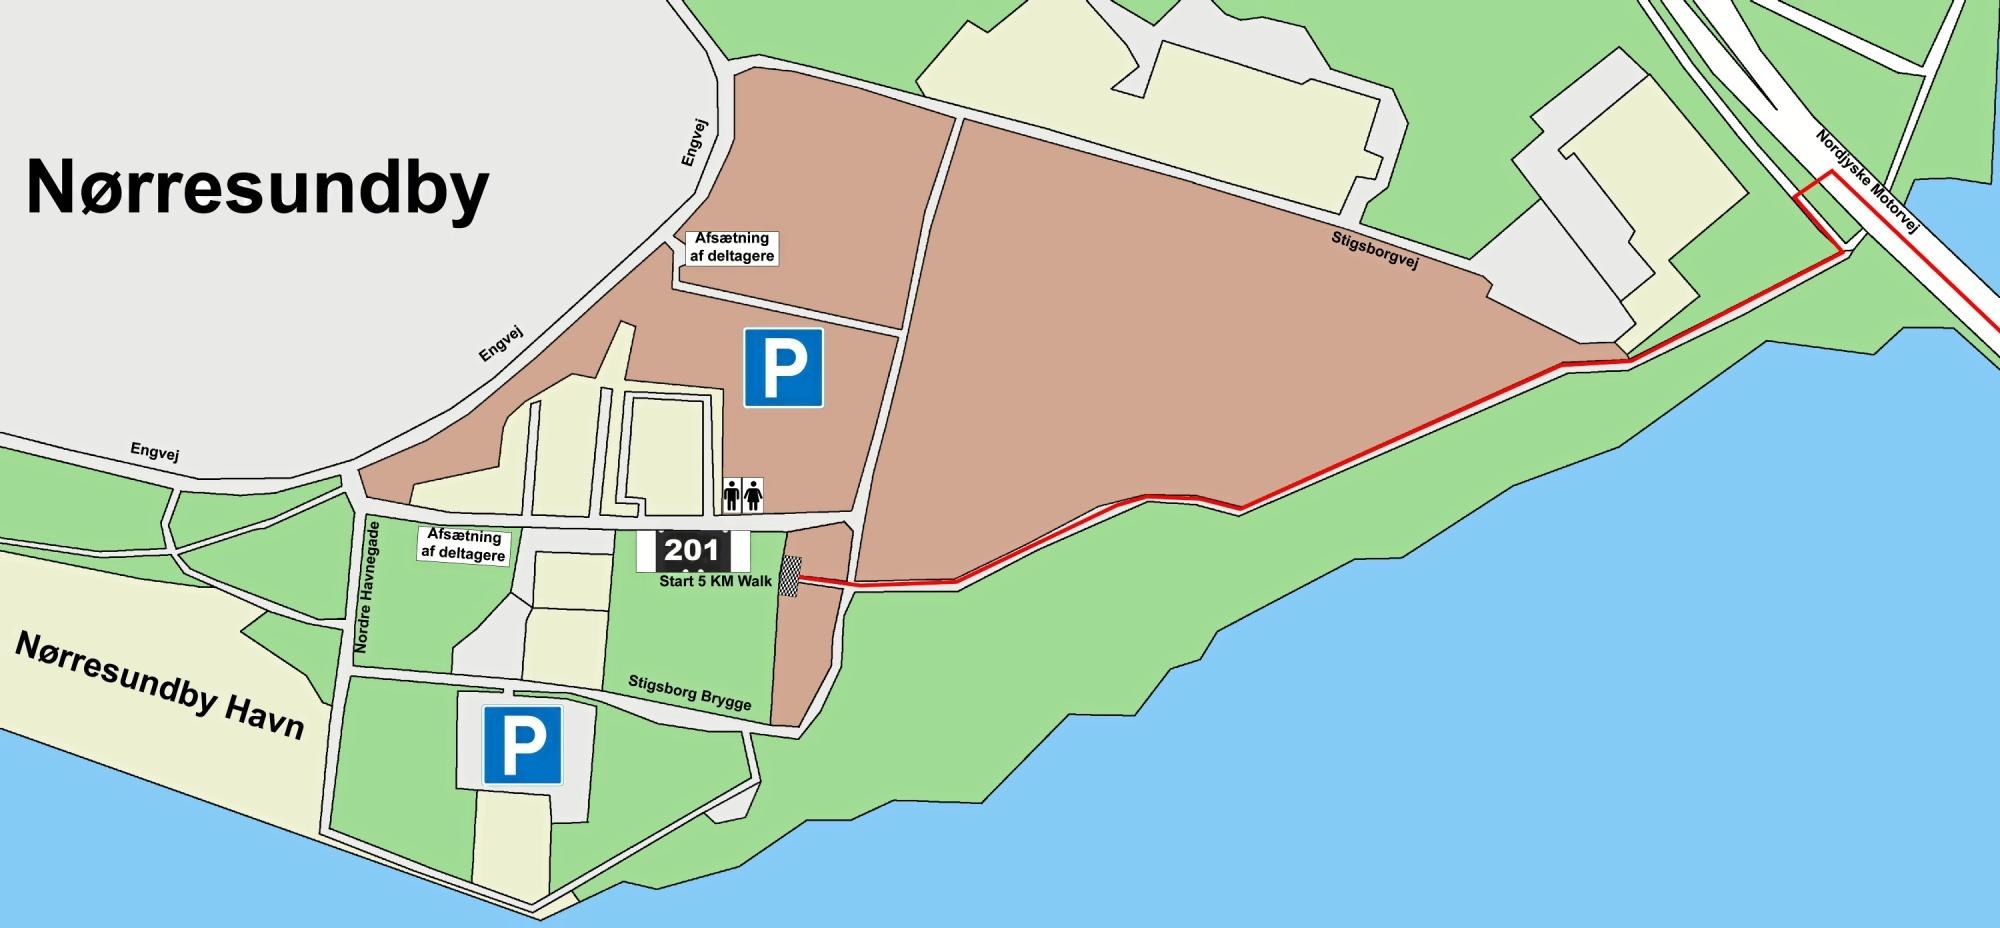 På Aalborgsiden skal man bruge de allerede eksisterende p-muligheder - på Nørresundbysiden er der etableret et særligt område. Kort: DGI